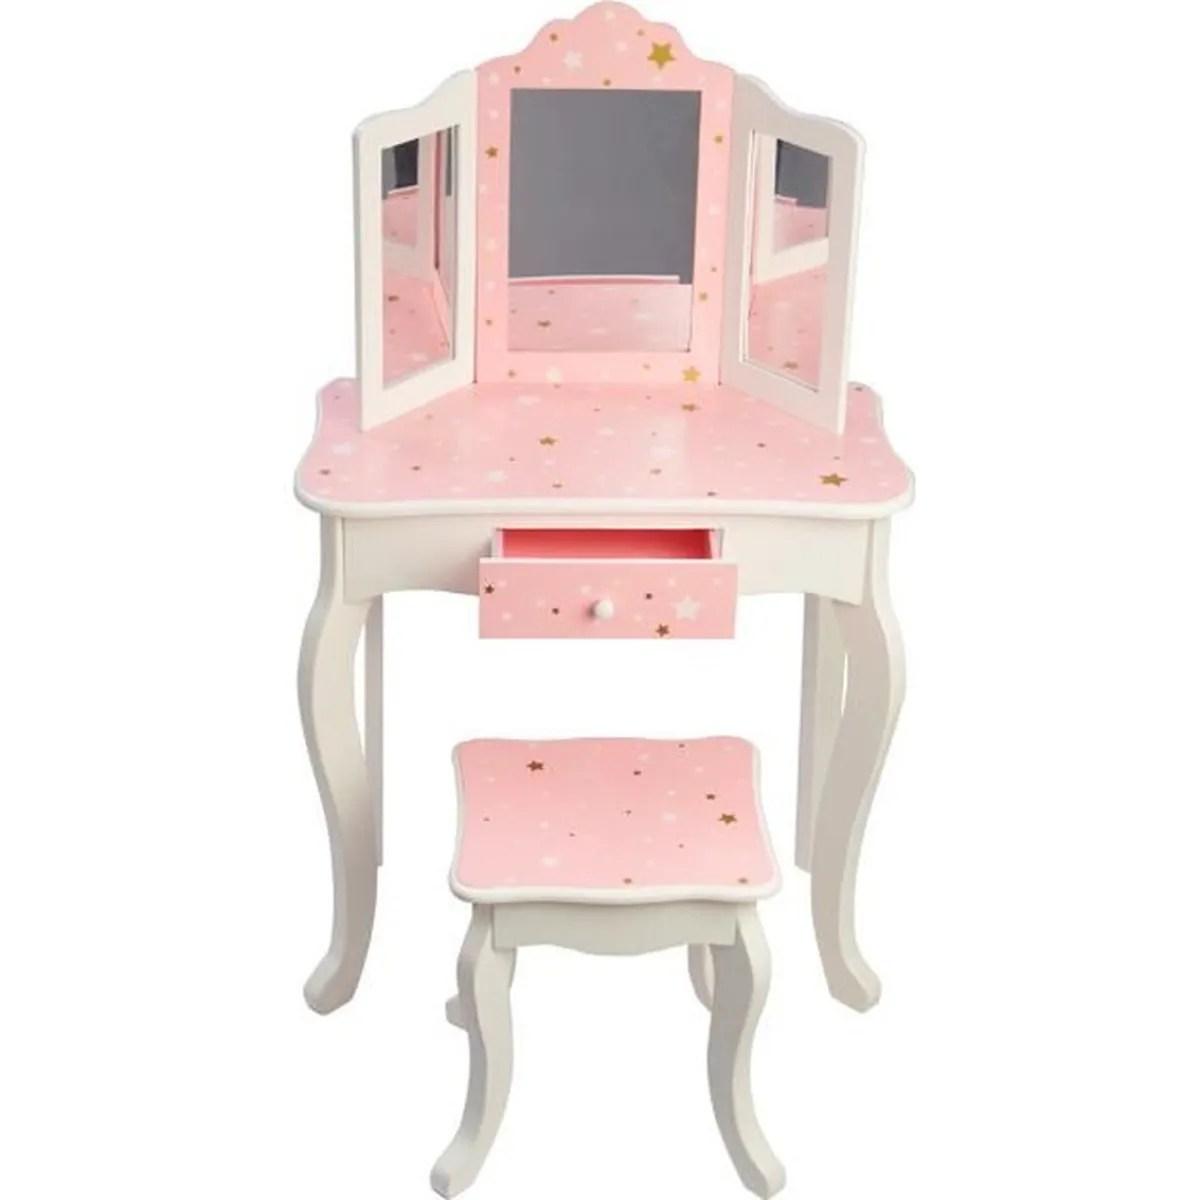 meuble coiffeuse table de maquillage bois pour enfant avec tabouret et miroir en rose avec motifs etoiles blancs et dores teamson